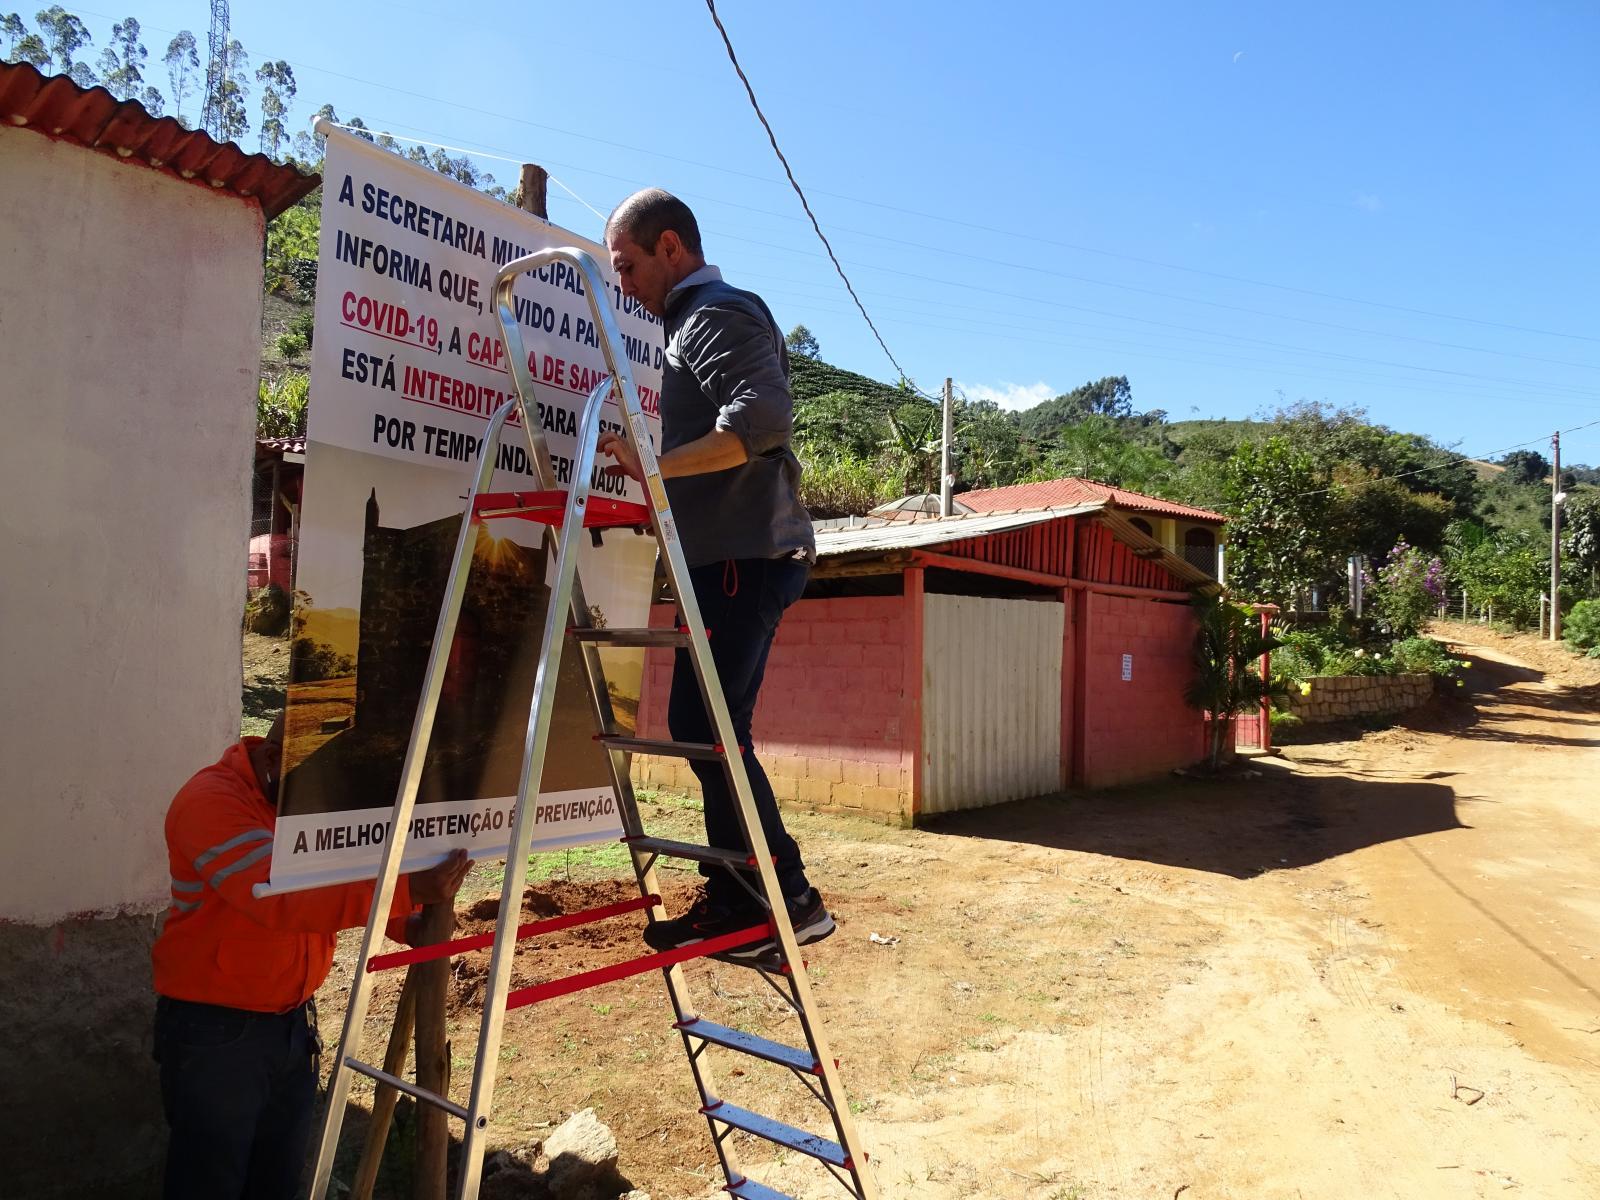 Coronavírus (COVID-19): Pontos turísticos de Itarana são interditados devido a alta frequentação em meio à pandemia